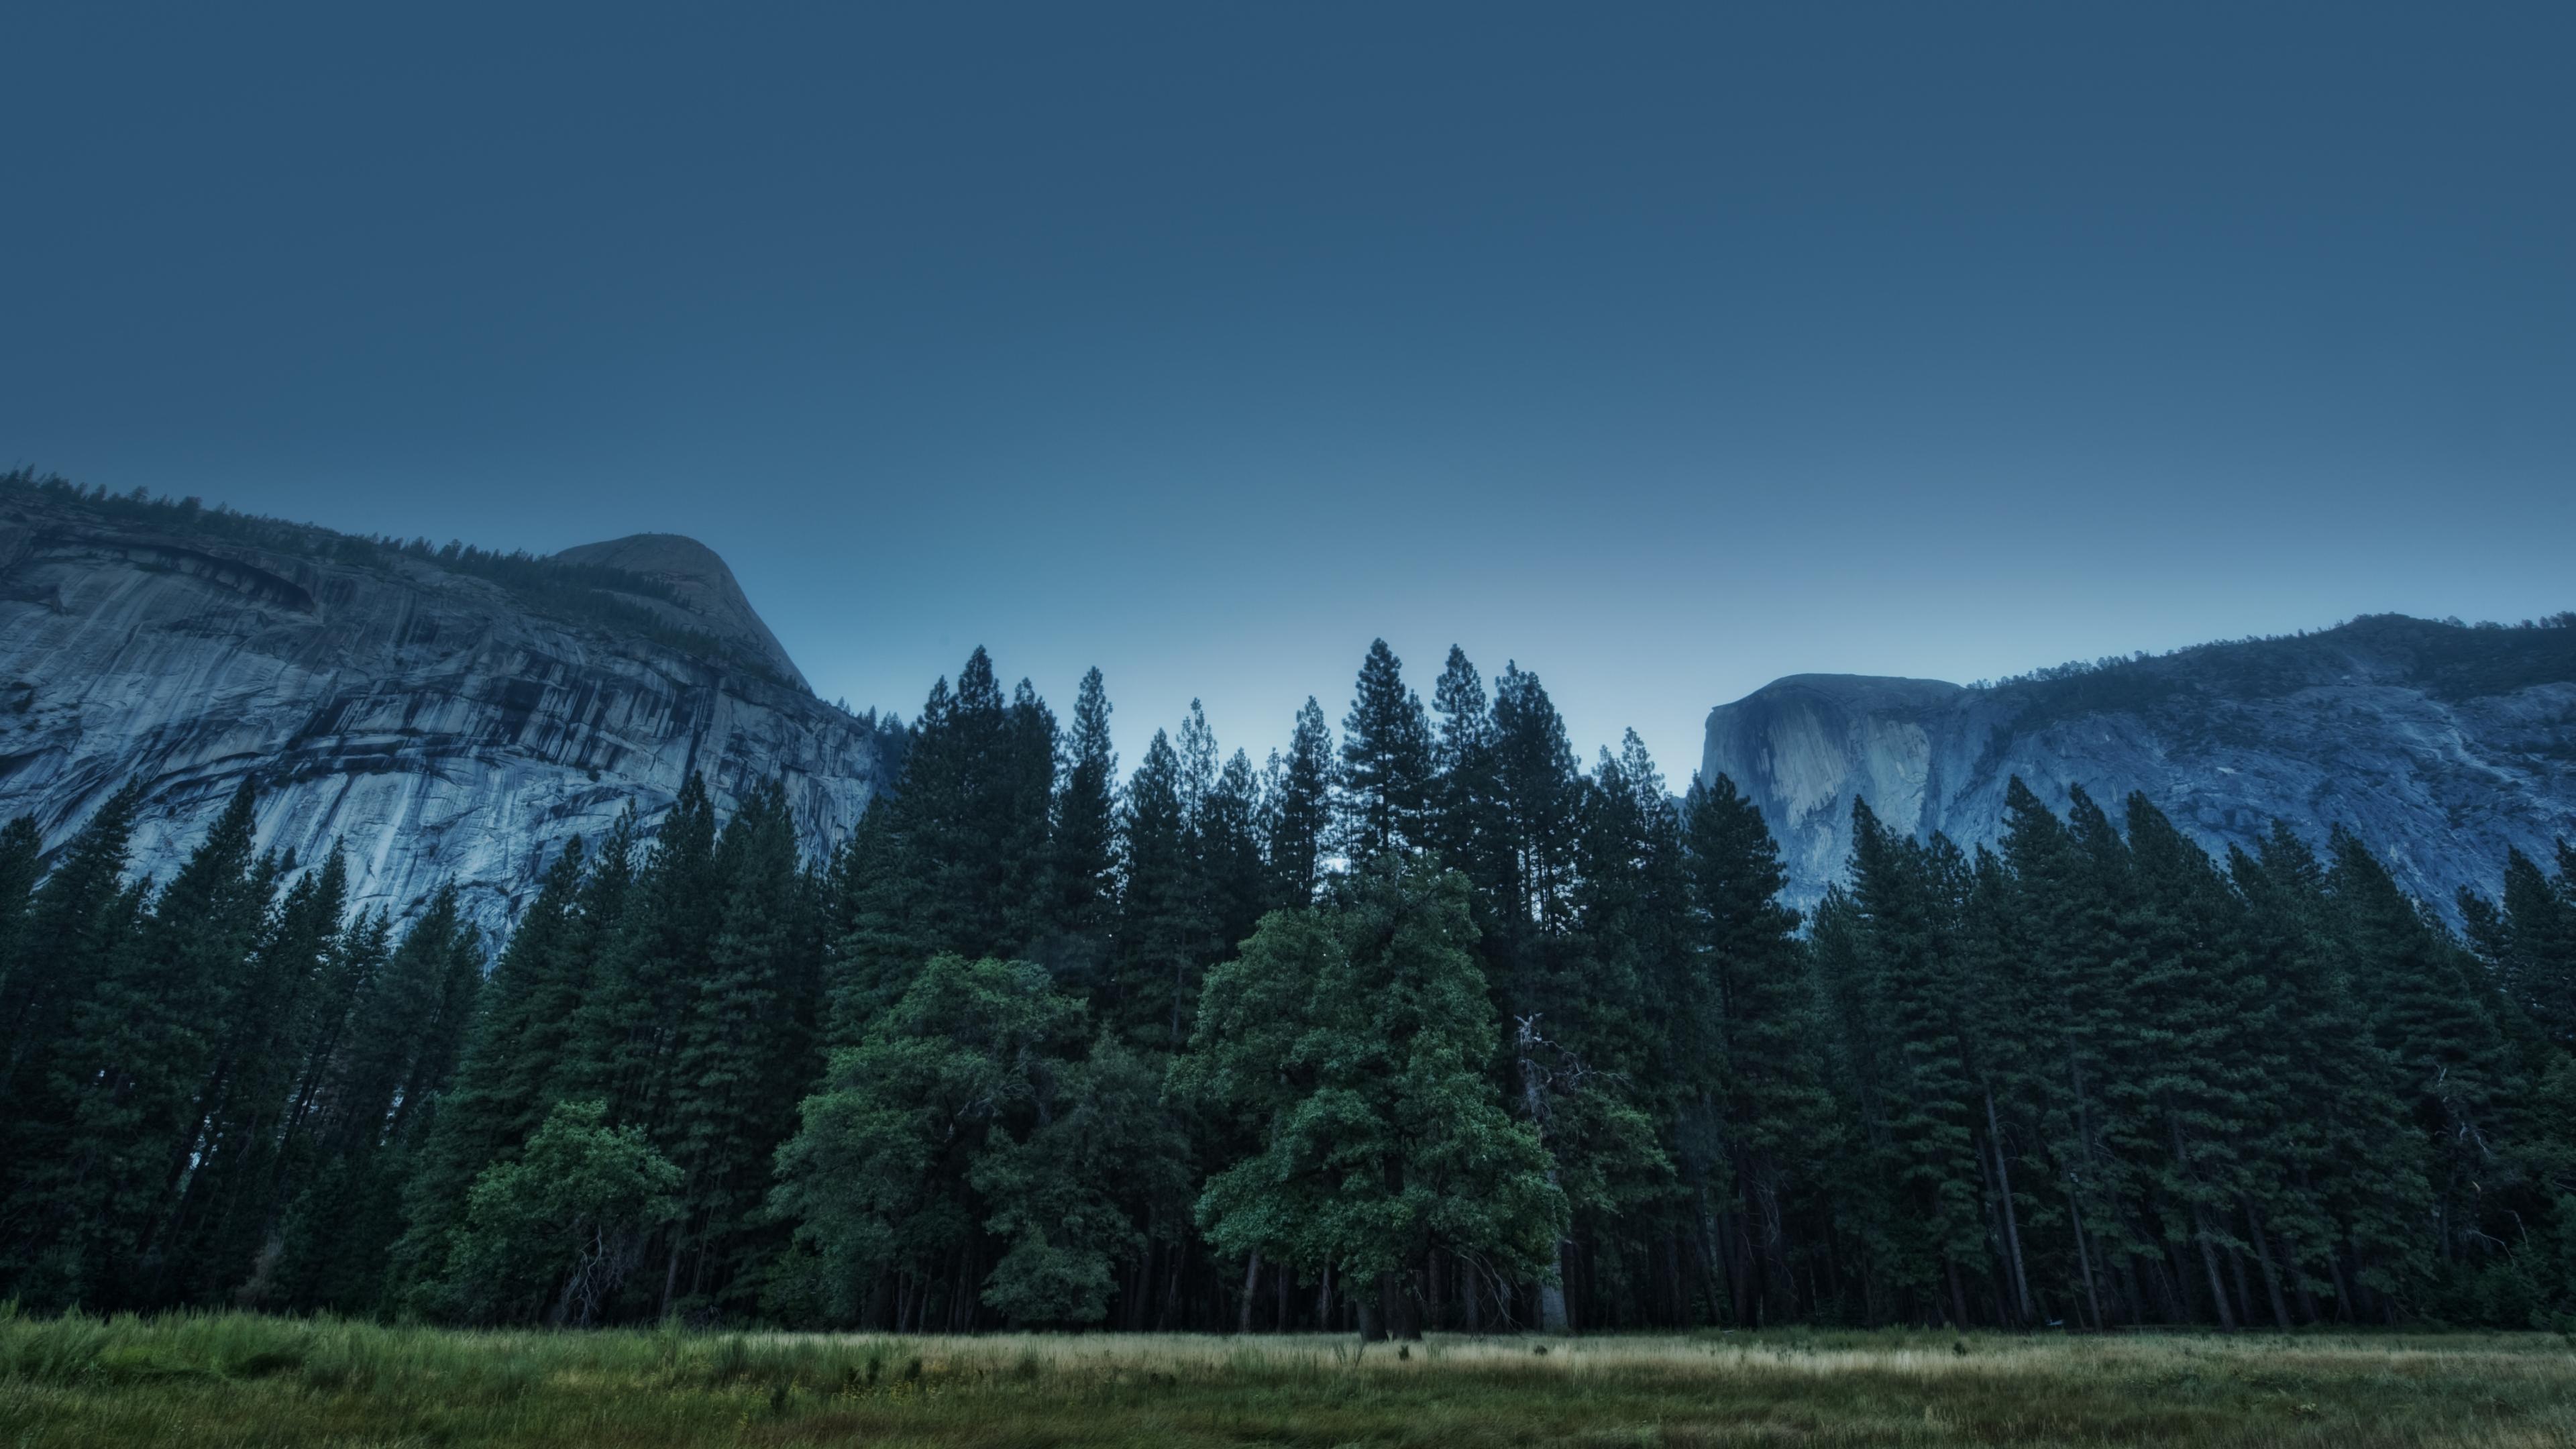 Mac Yosemite Hd Wallpaper Wallpapersafari